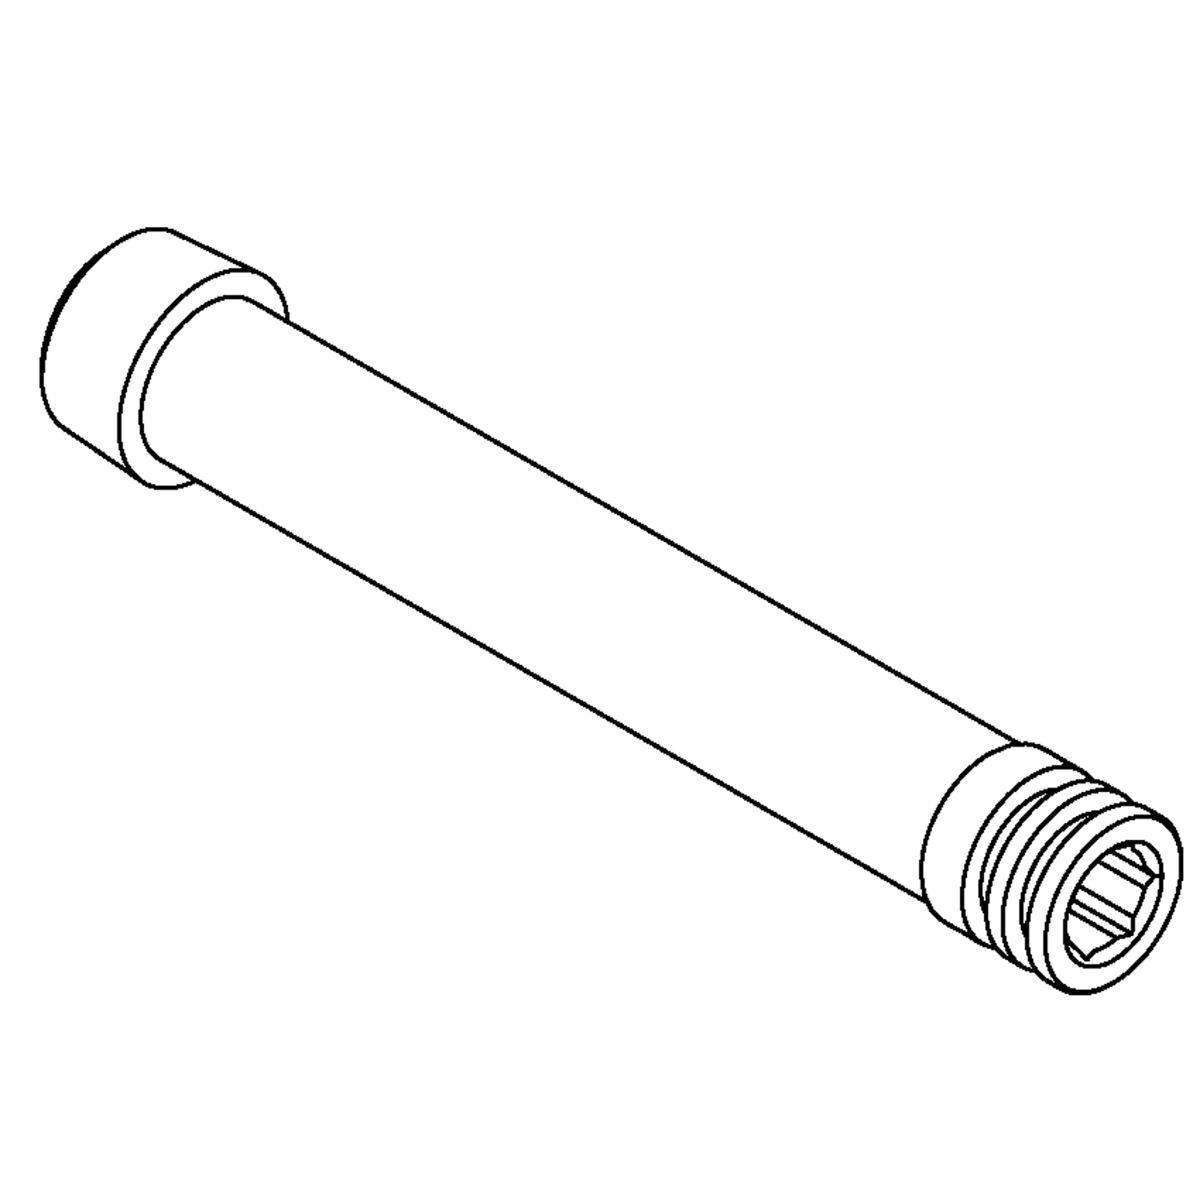 Kohler 1218071 Part - Supply Adapter Assy